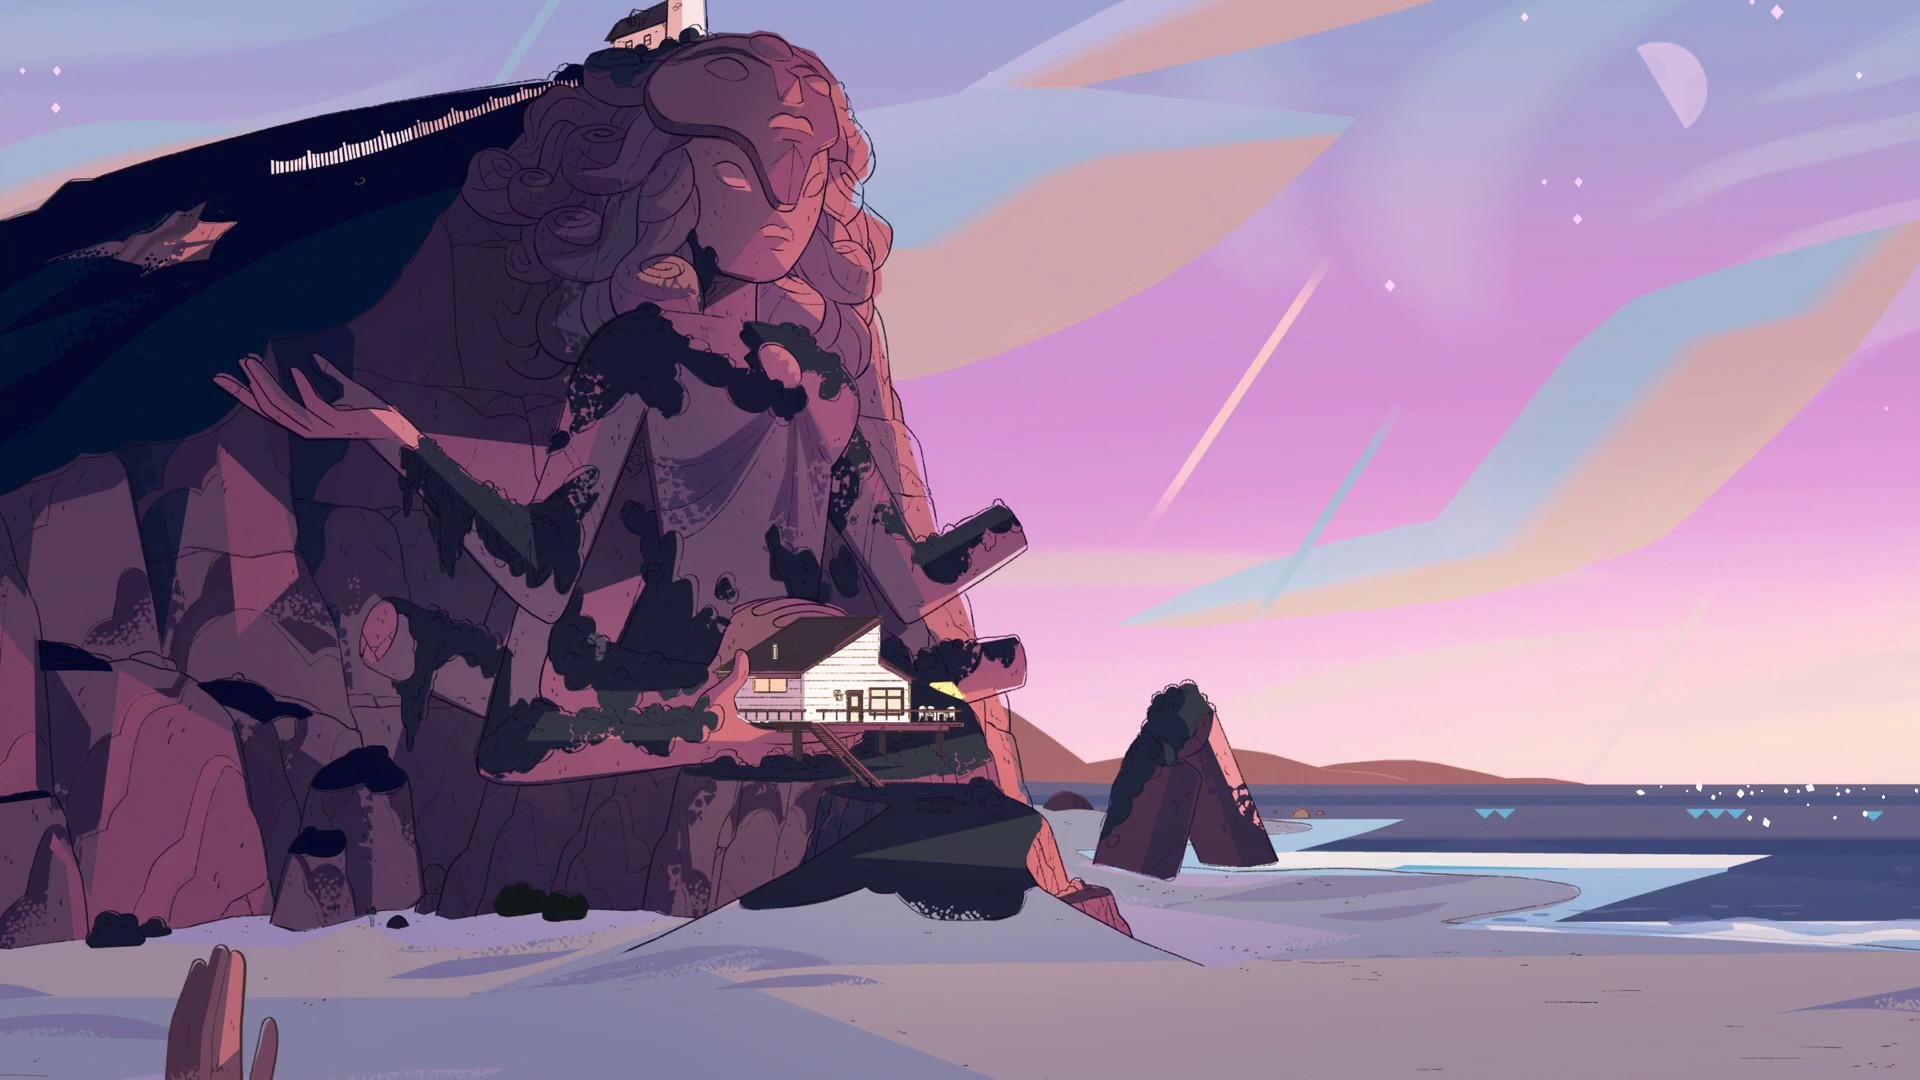 Steven Universe Wallpaper Dump